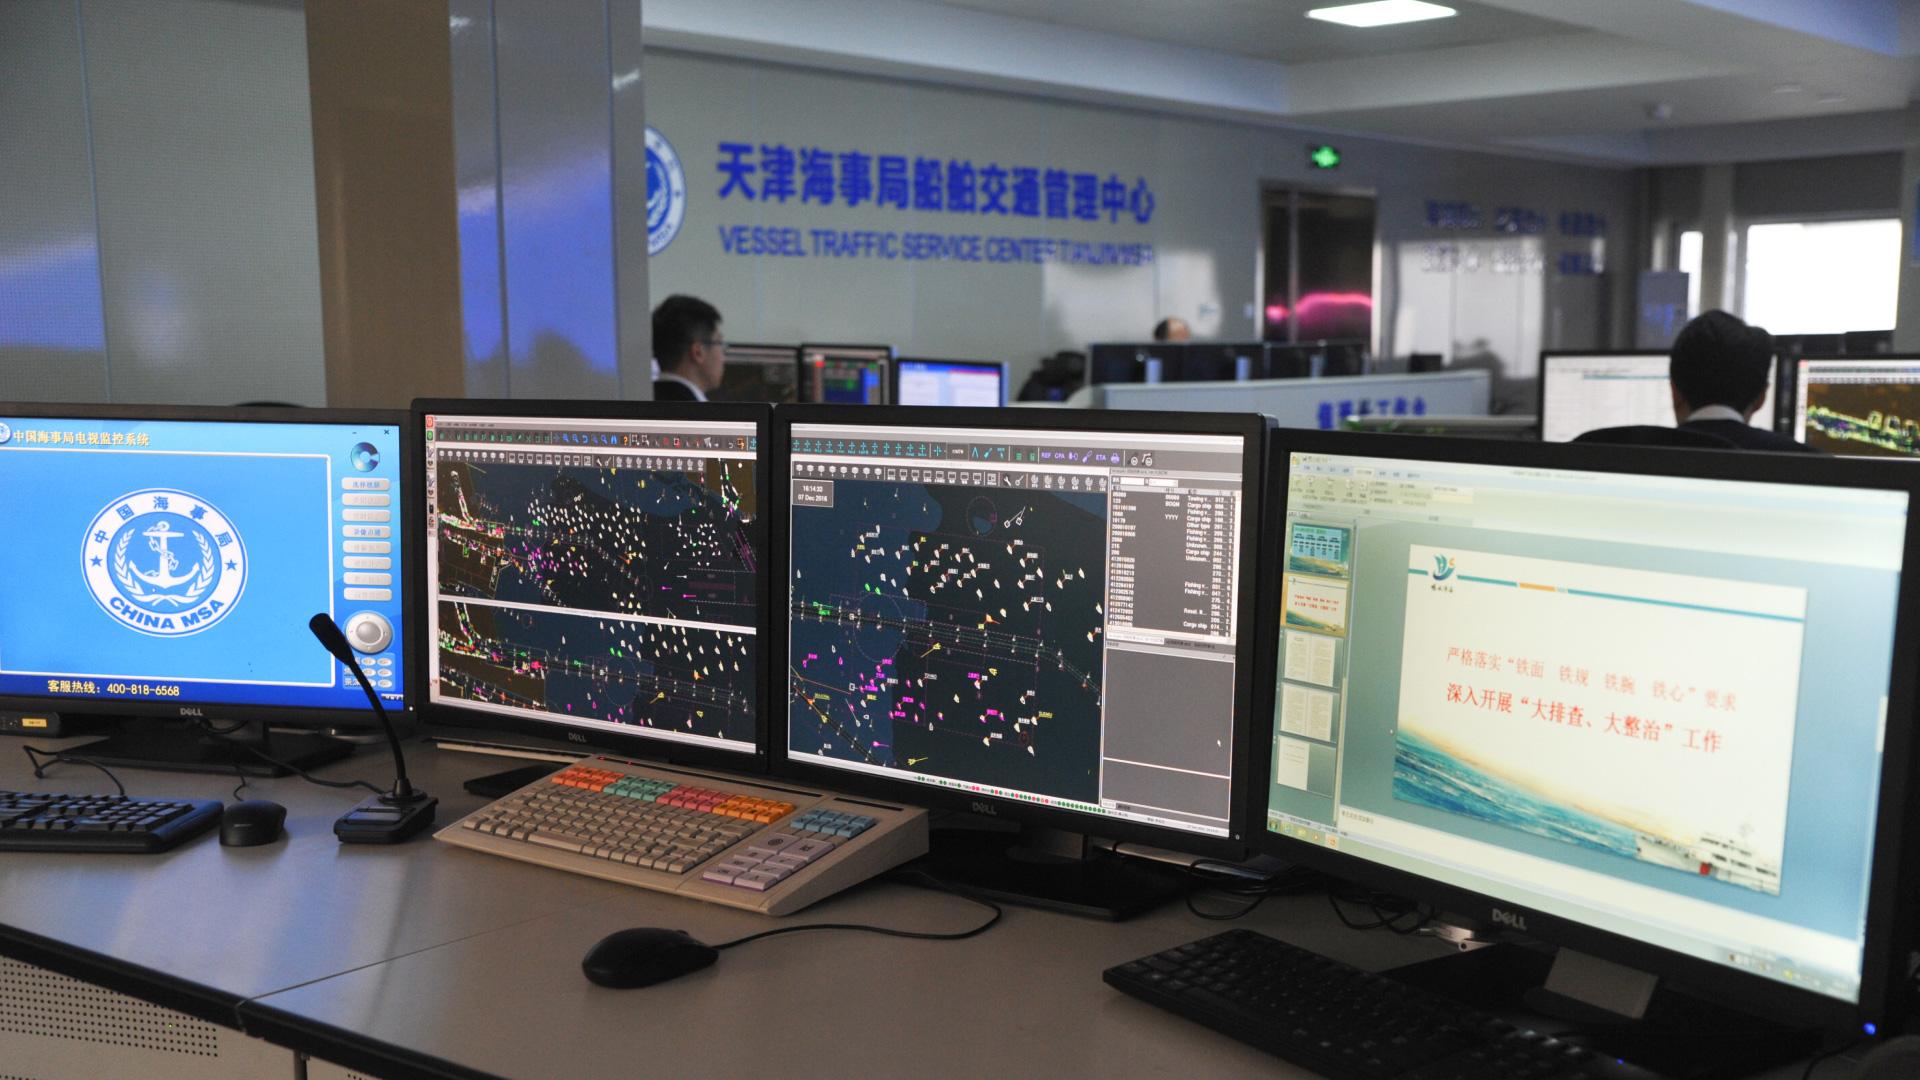 WV_VTS_Tianjin_Image_03